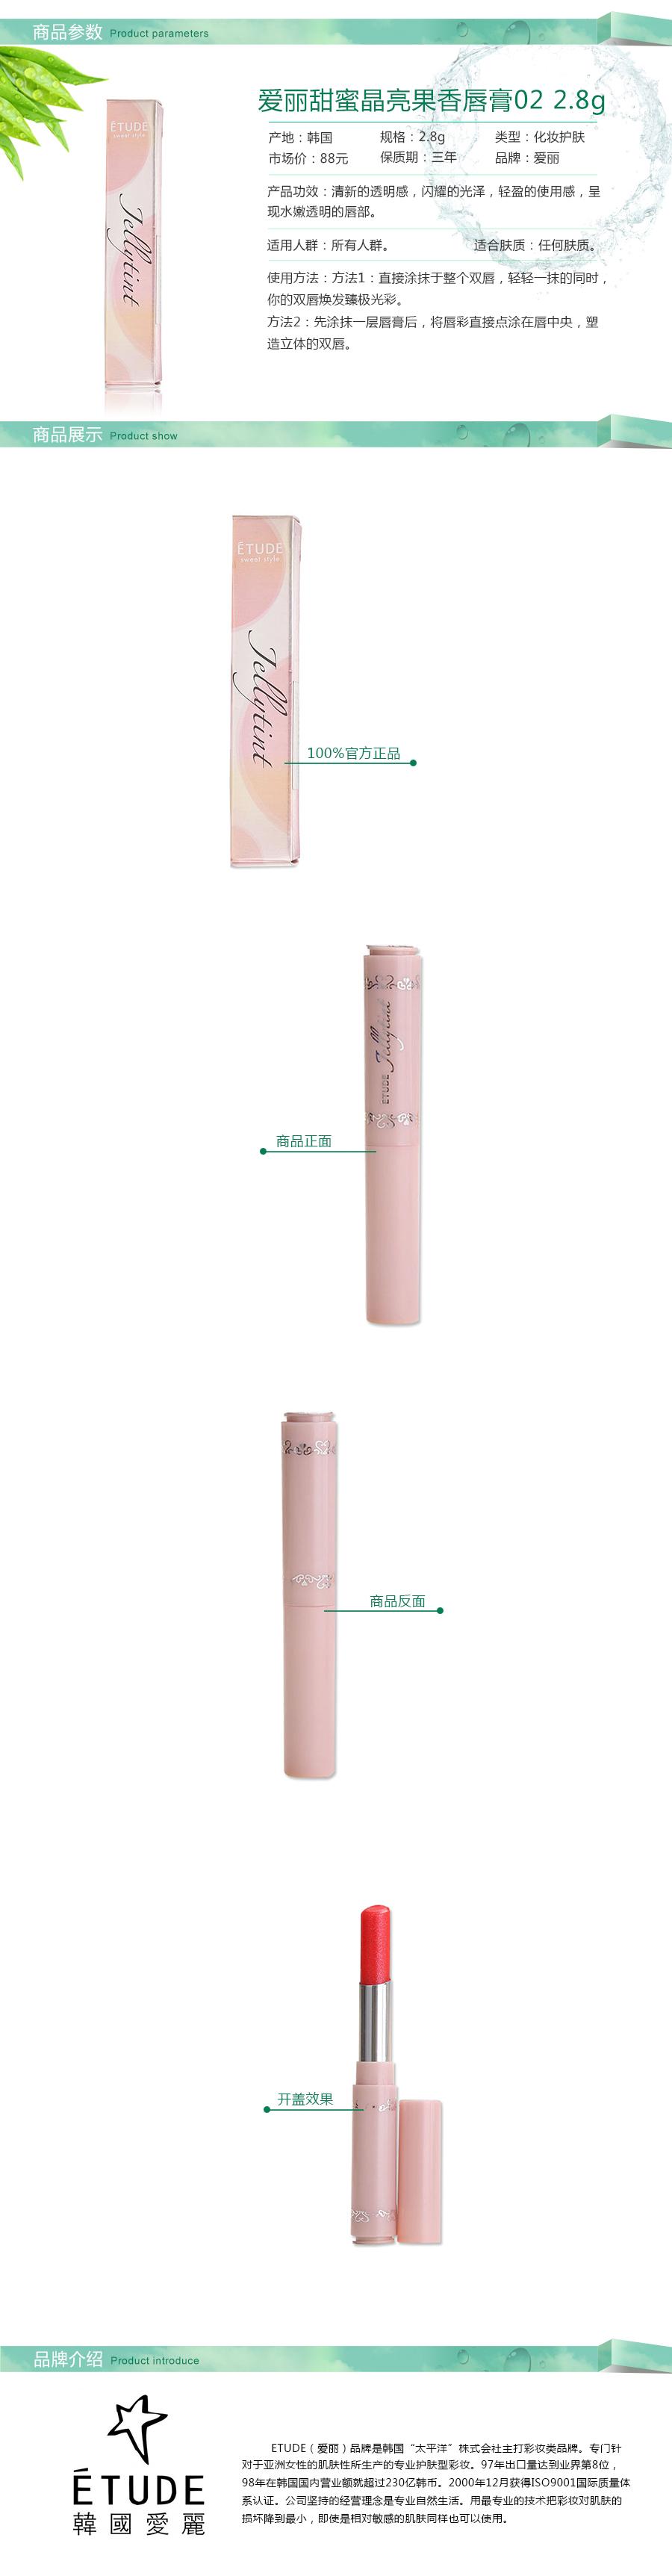 8g  商品编号 10420515000046 上架时间 商品毛重 0克 商品产地 0